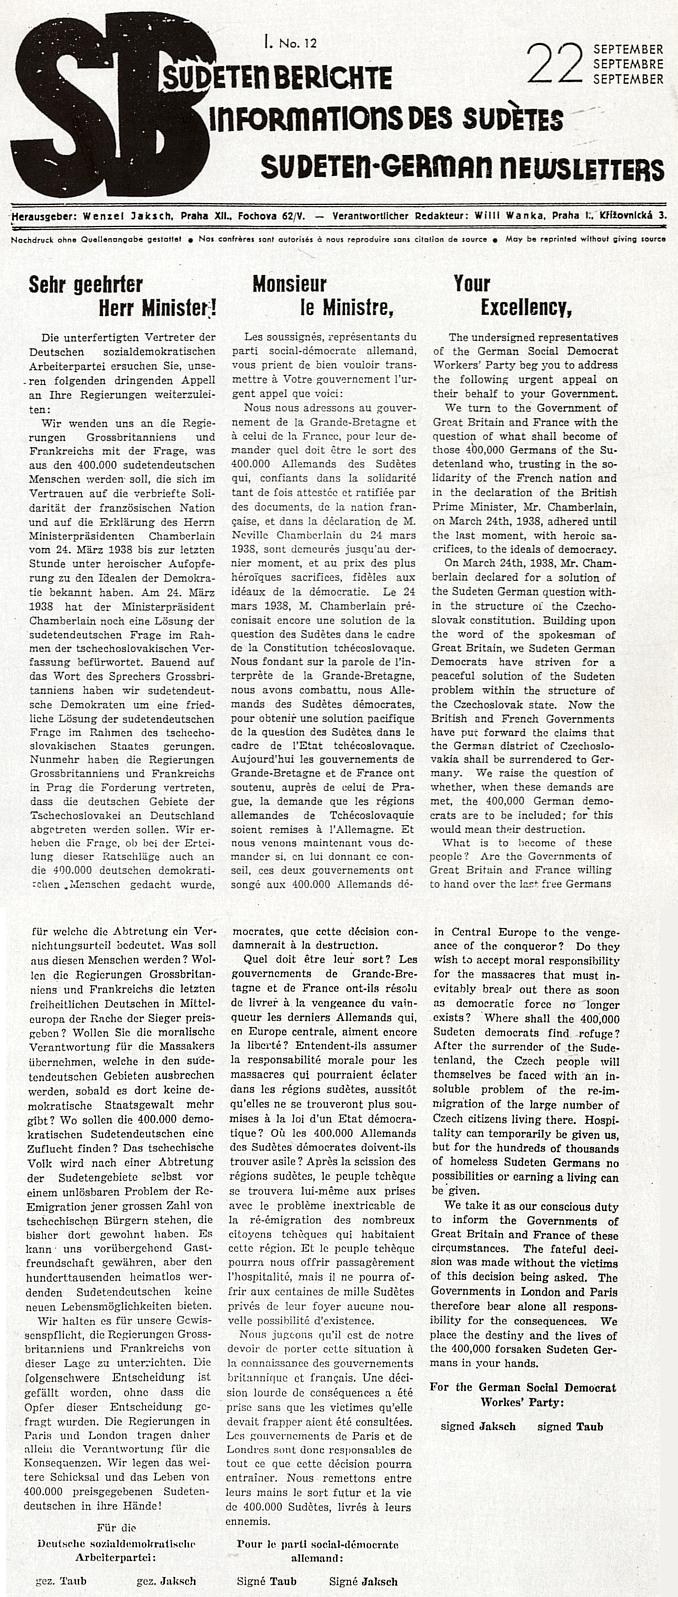 První a druhá strana (1938) jím vydávaného týdeníku s textem, adresovaný vládám Velké Británie a Francie